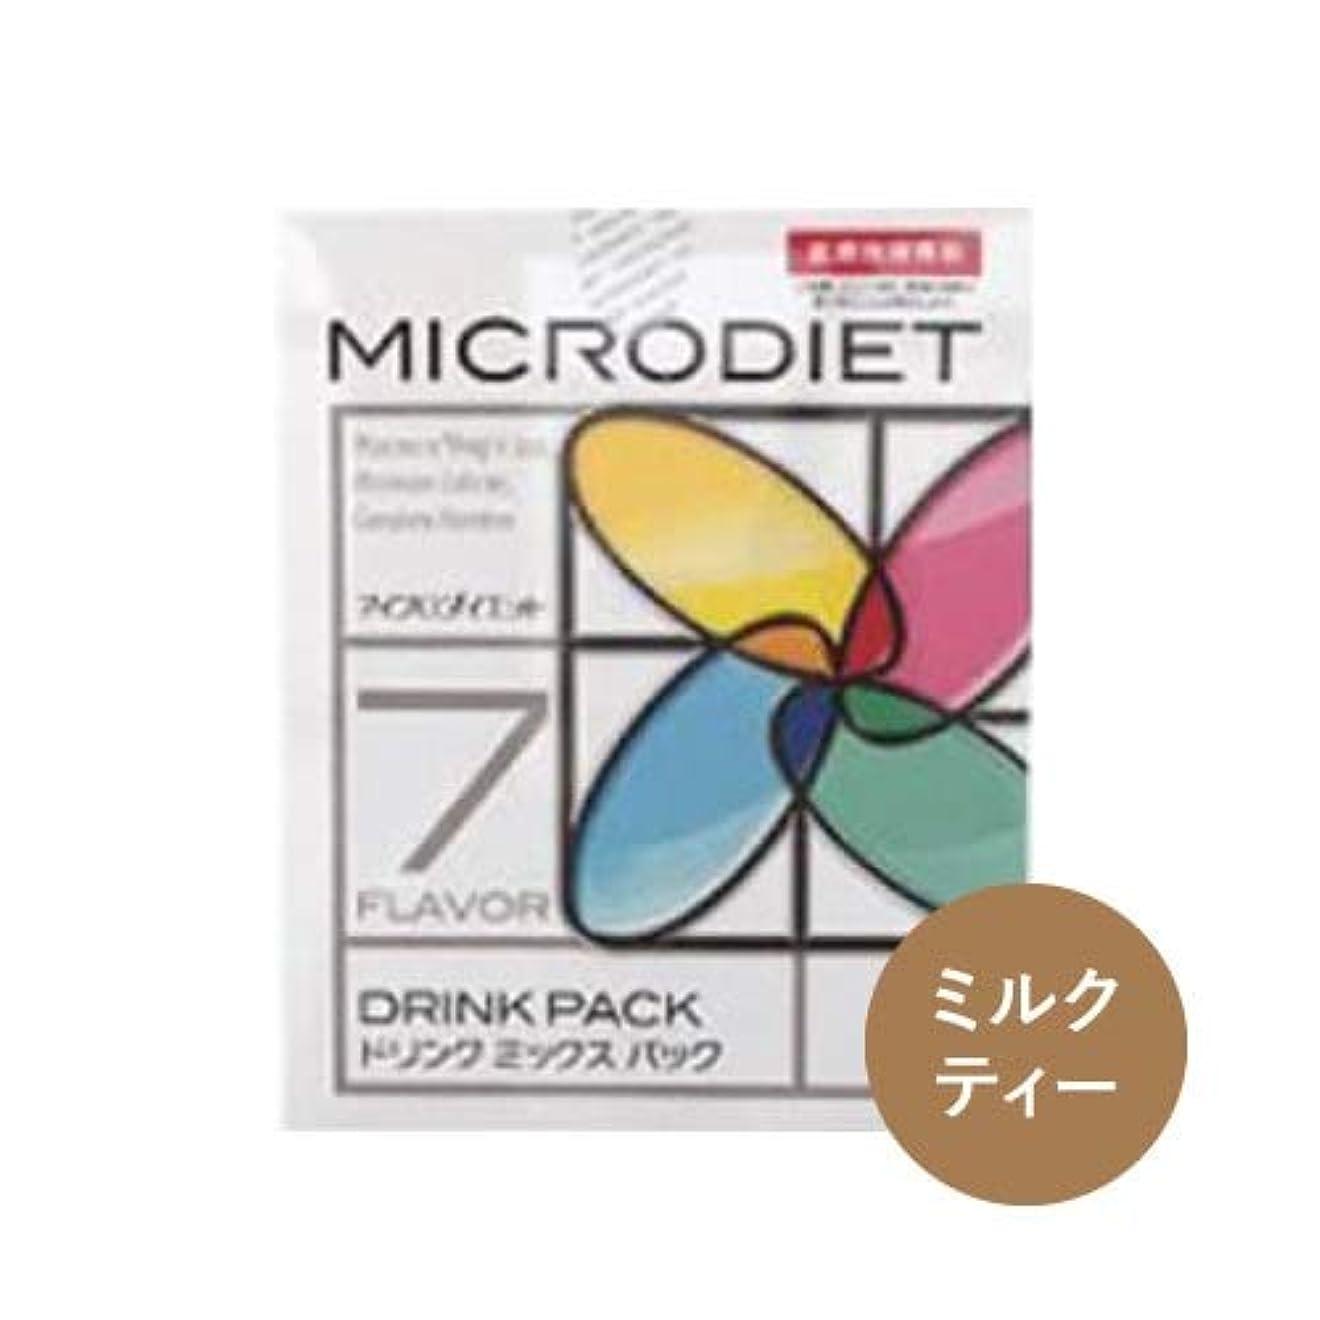 自己ポルノ鏡マイクロダイエット MICRODIET ドリンクタイプ 7食 抹茶味